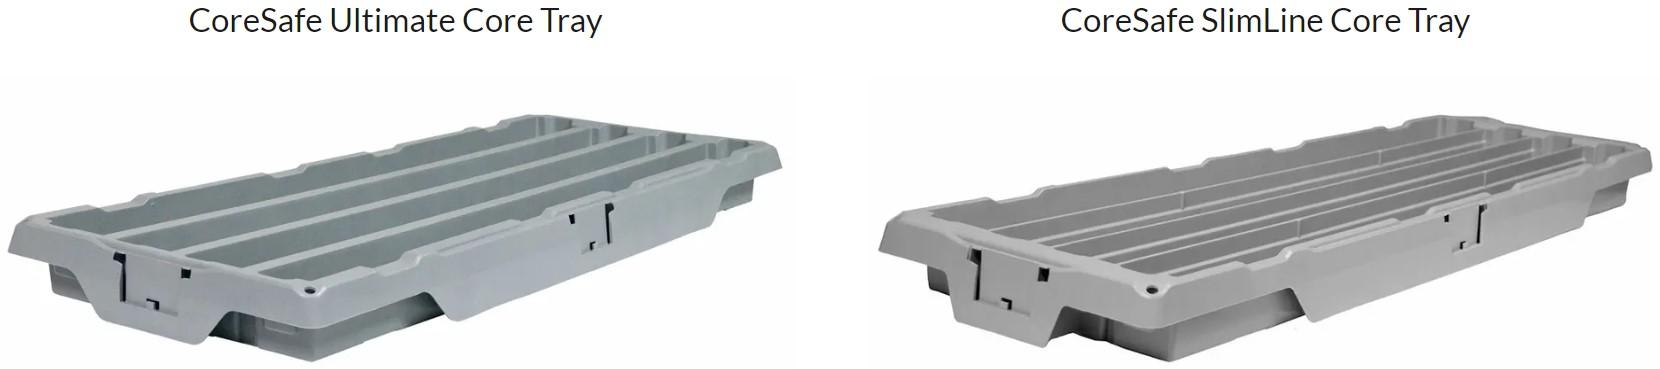 CoreSafe Core Trays